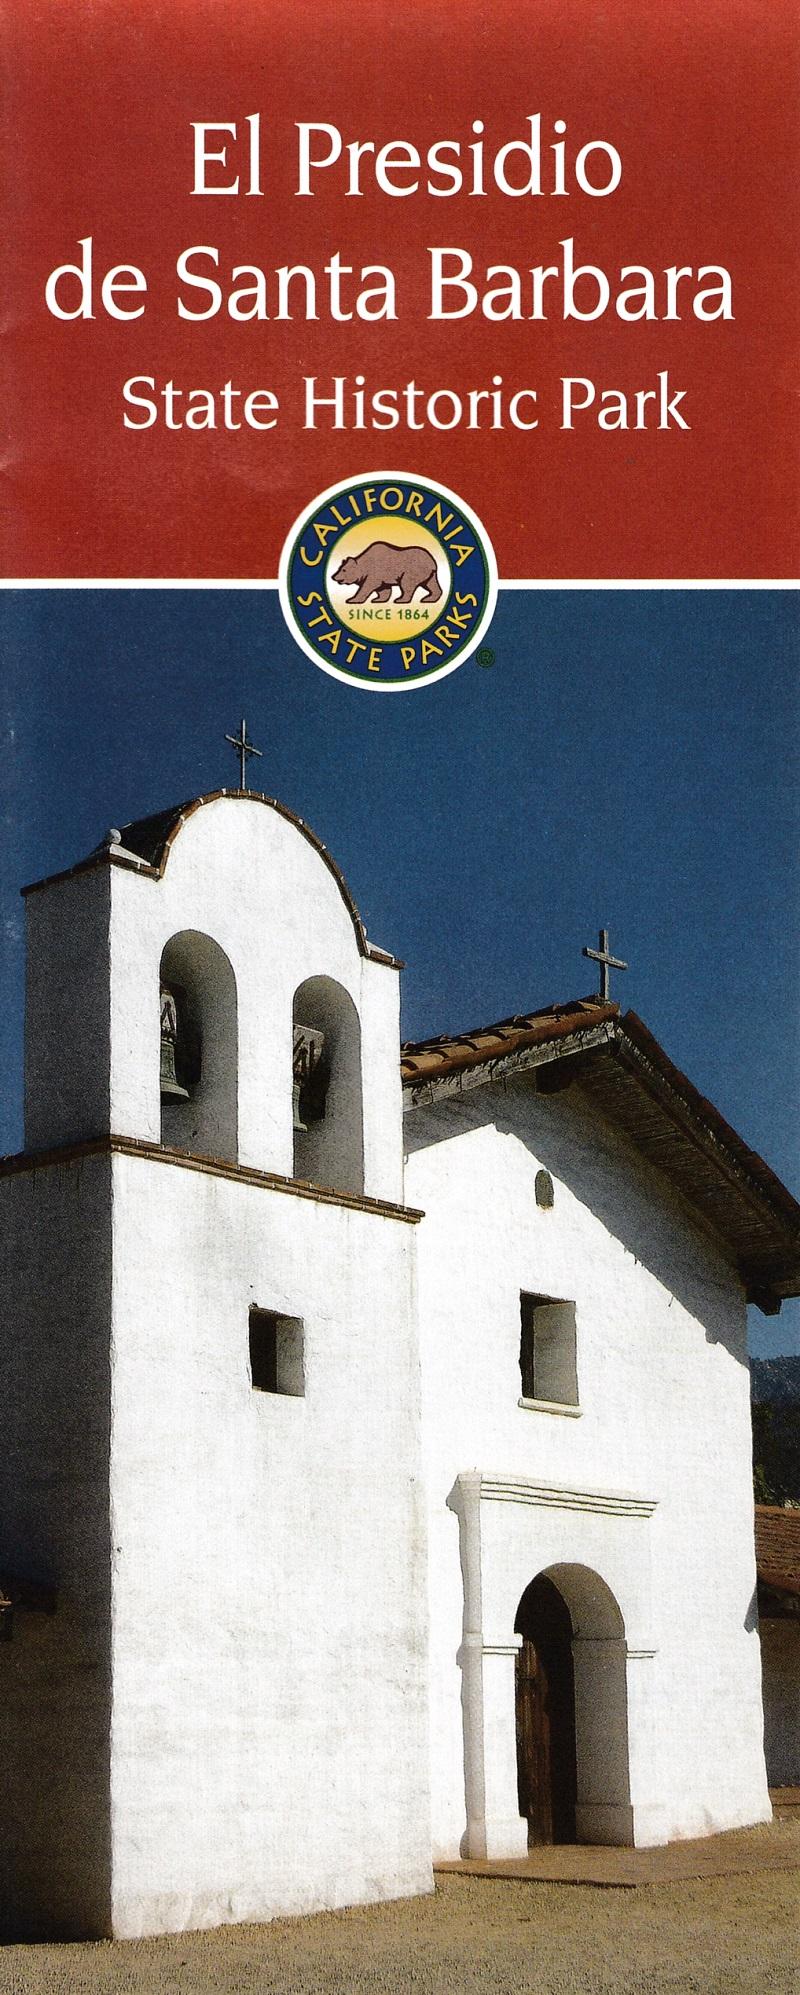 El Presidio de Santa Barbara